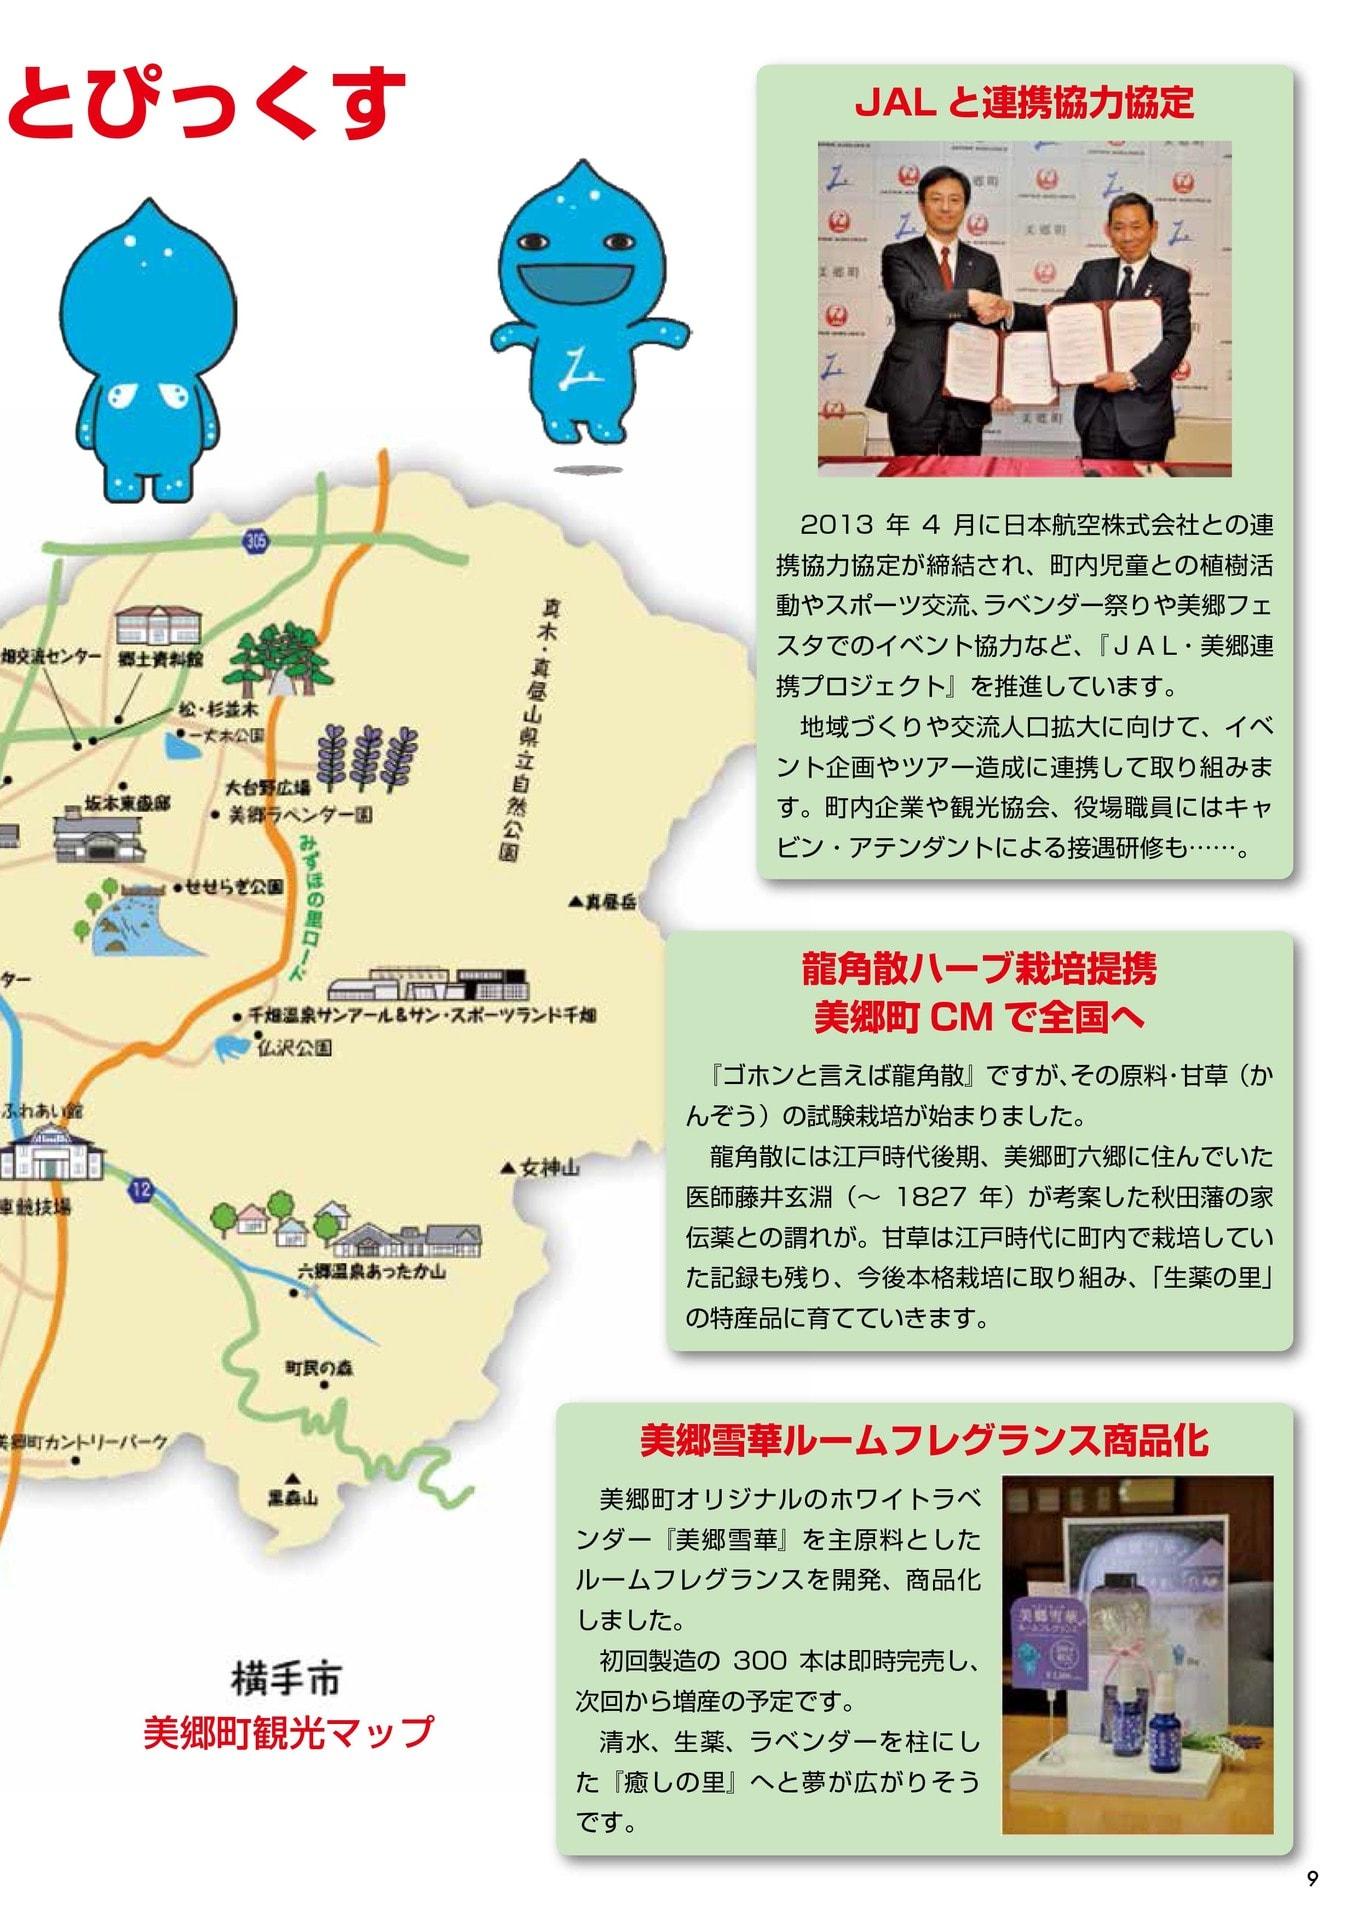 第2回秋田・美郷町ふるさと会パンフレット(みさととぴっくす)